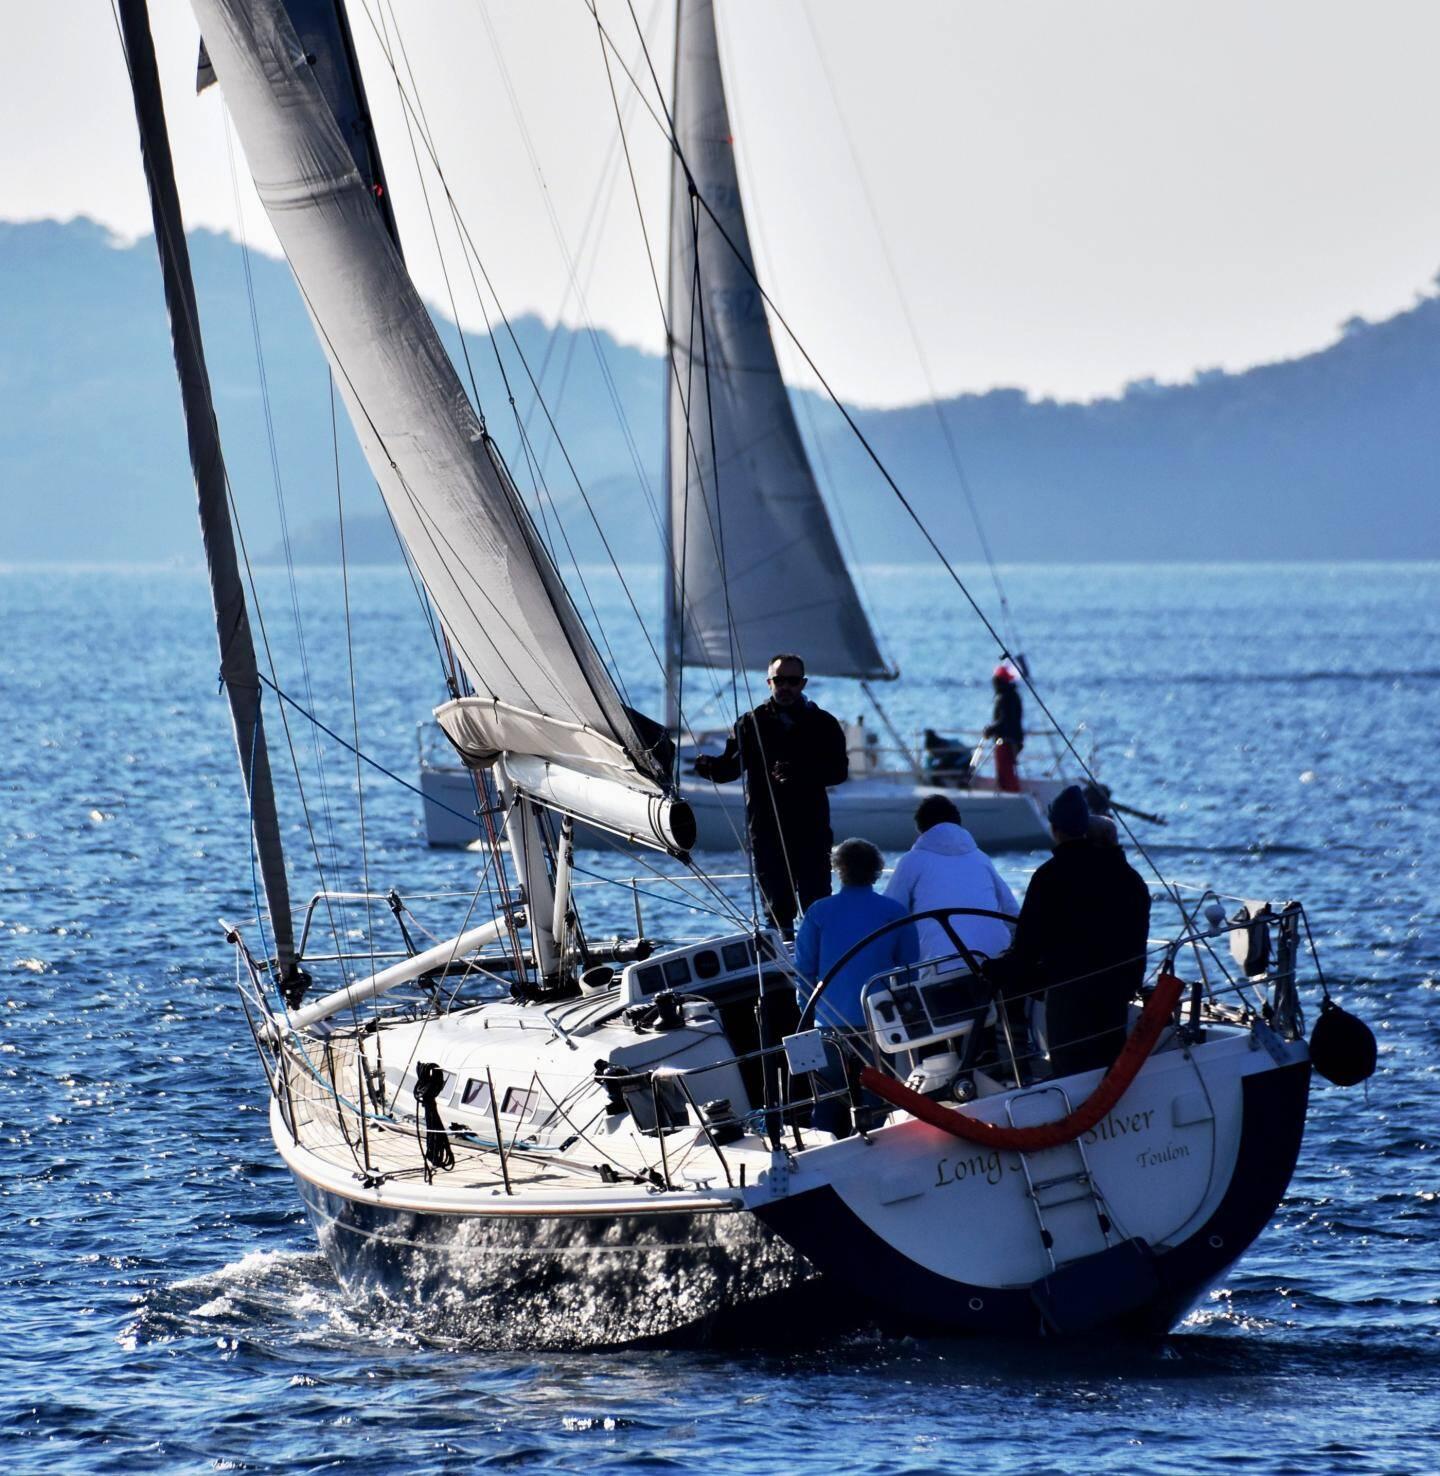 Long-John-Silver de Christophe Caussil, le président du Yacht-Club Lavandourain.